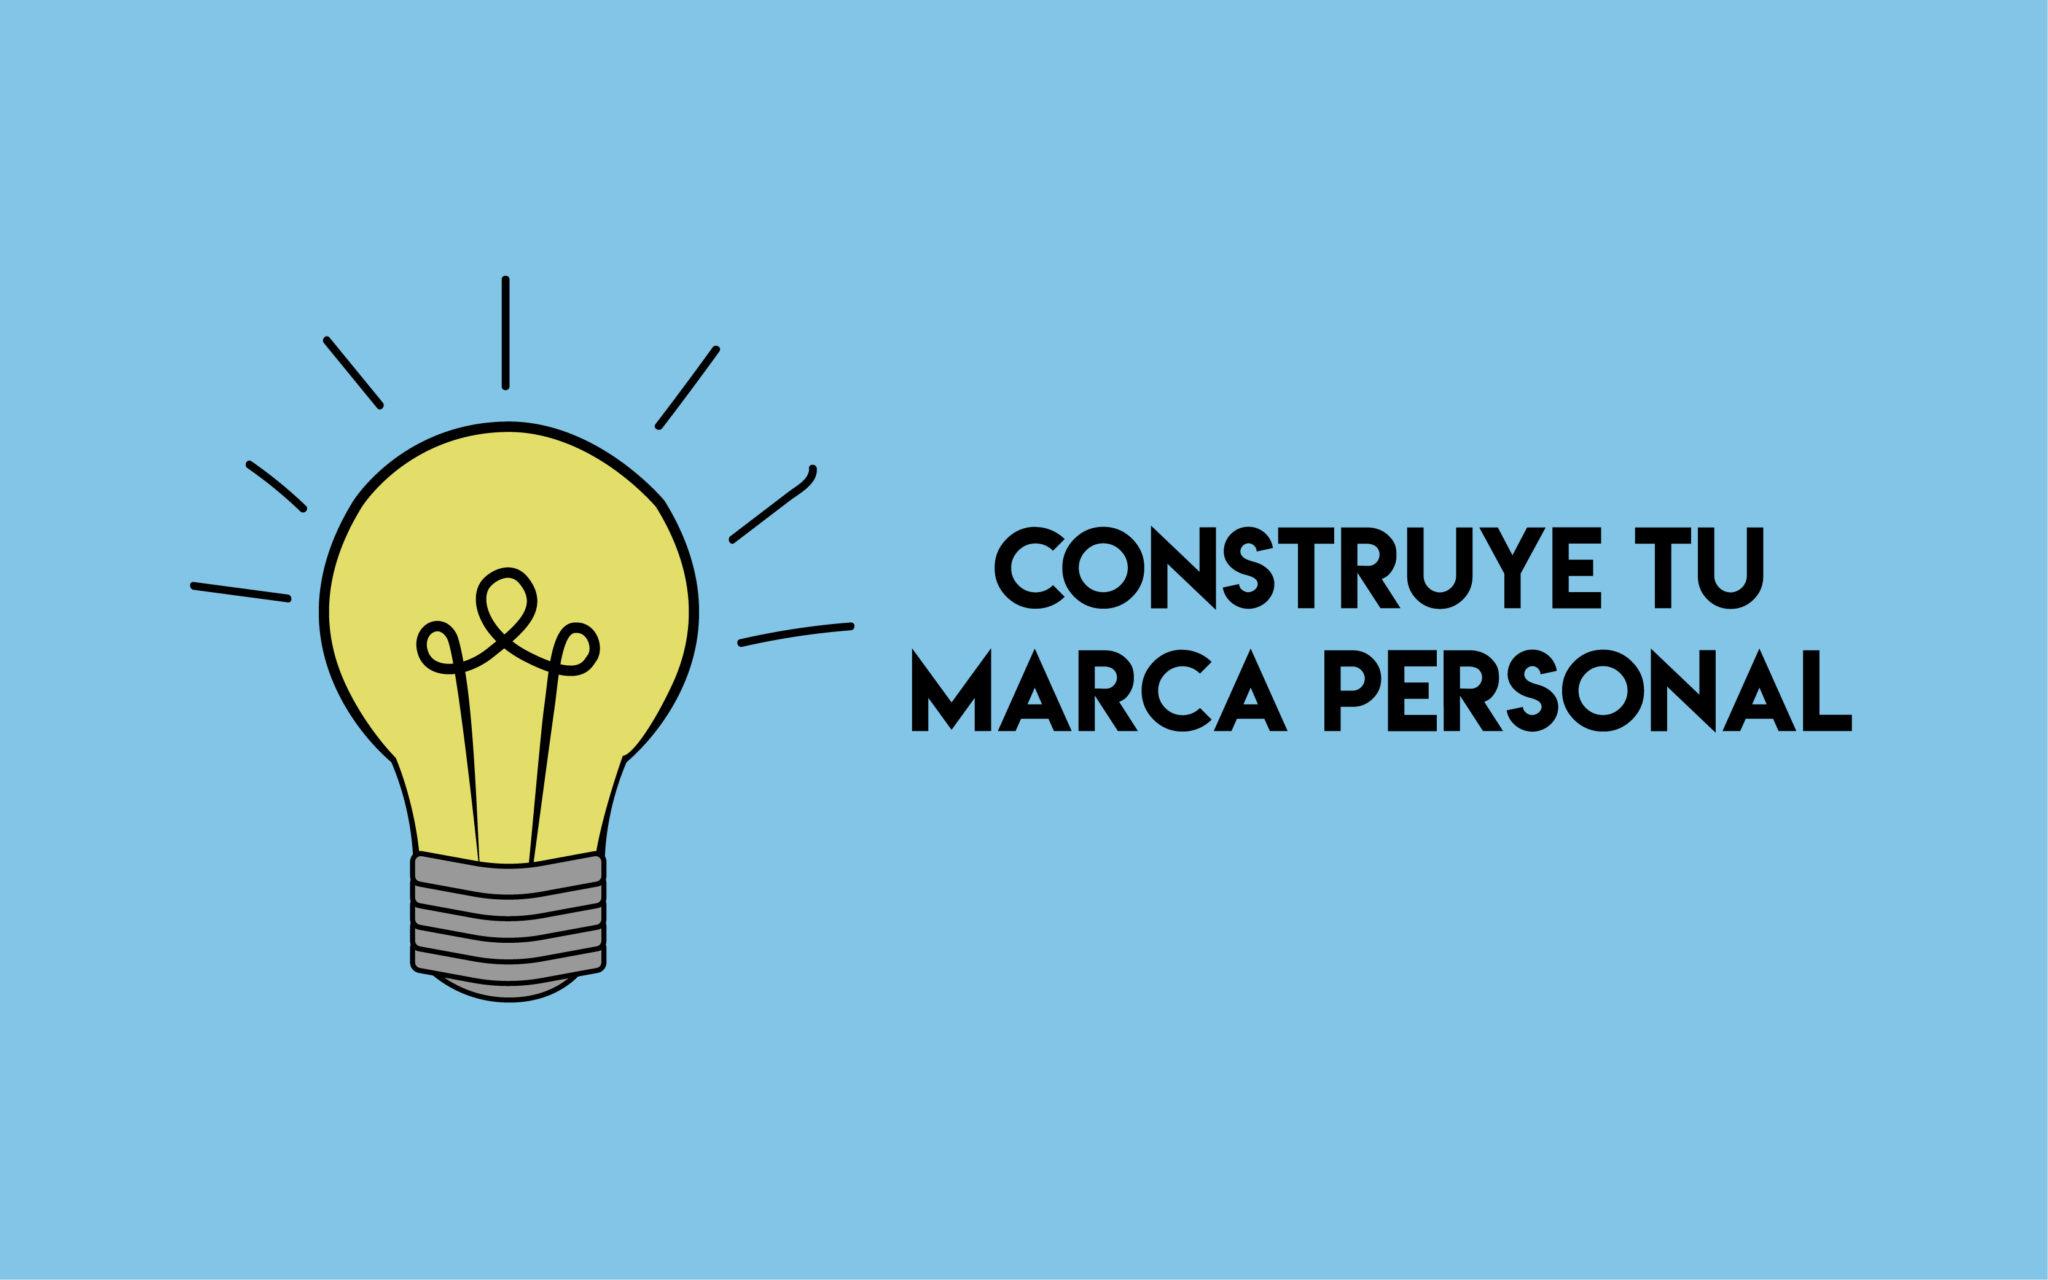 Construye tu marca personal | Profesionistas